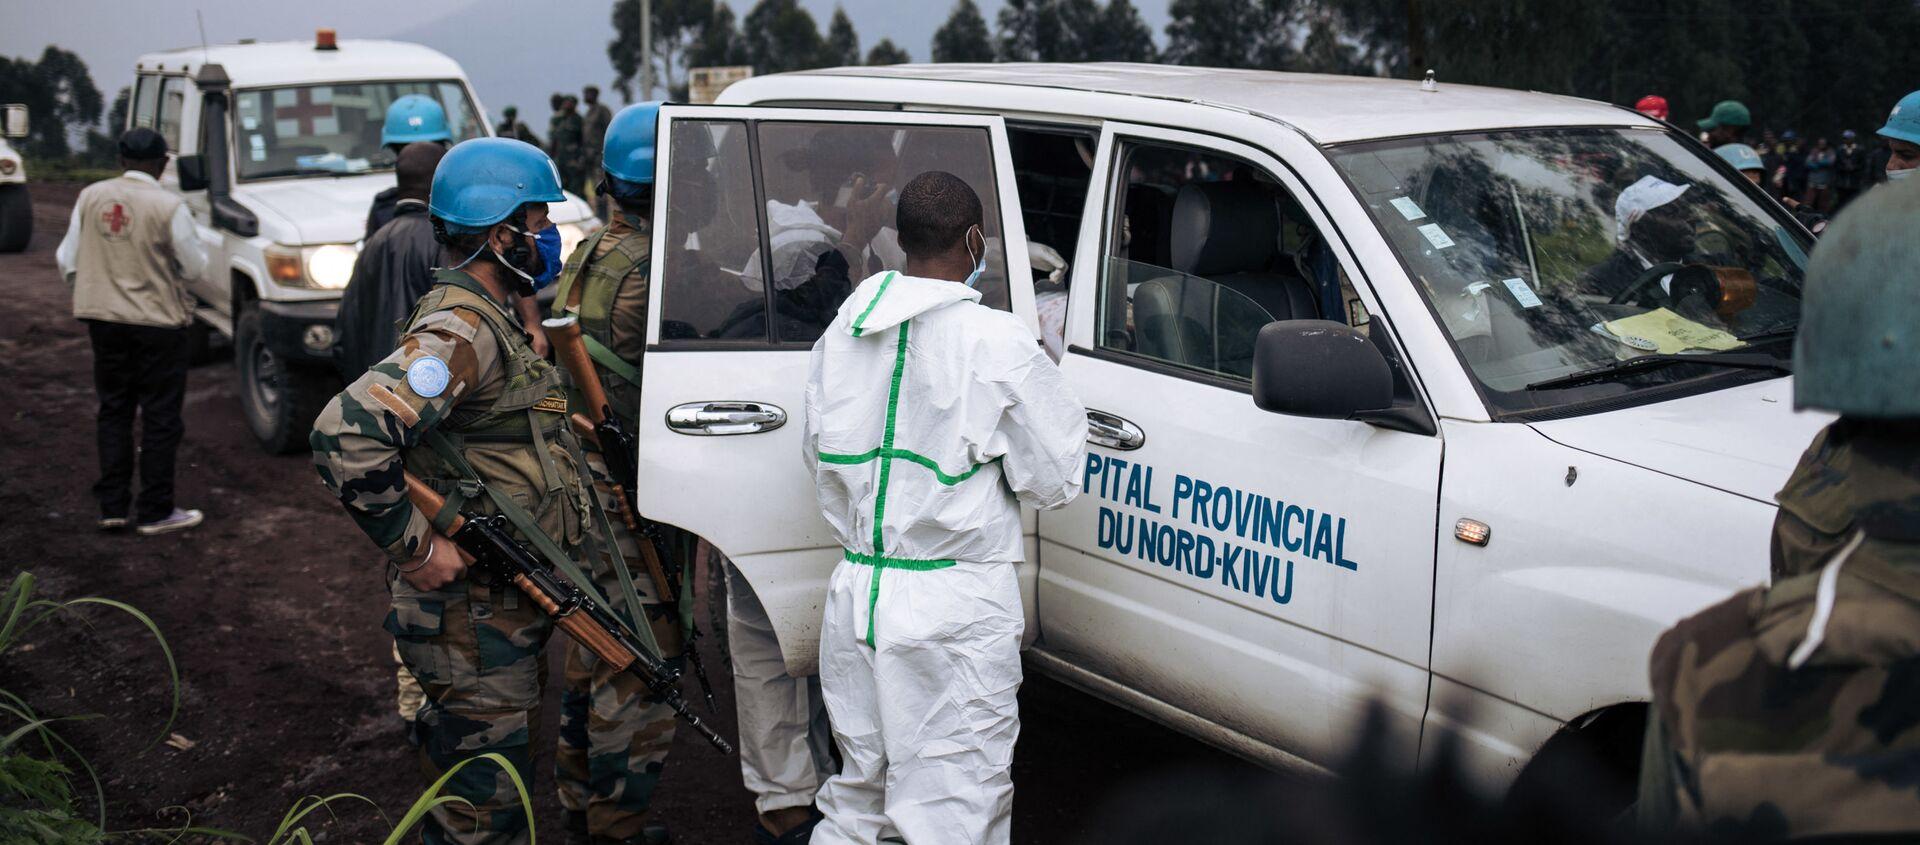 Une ambulance de l'hôpital du Nord-Kivu embarque le corps du chauffeur de l'ambassadeur italien - Sputnik France, 1920, 23.02.2021